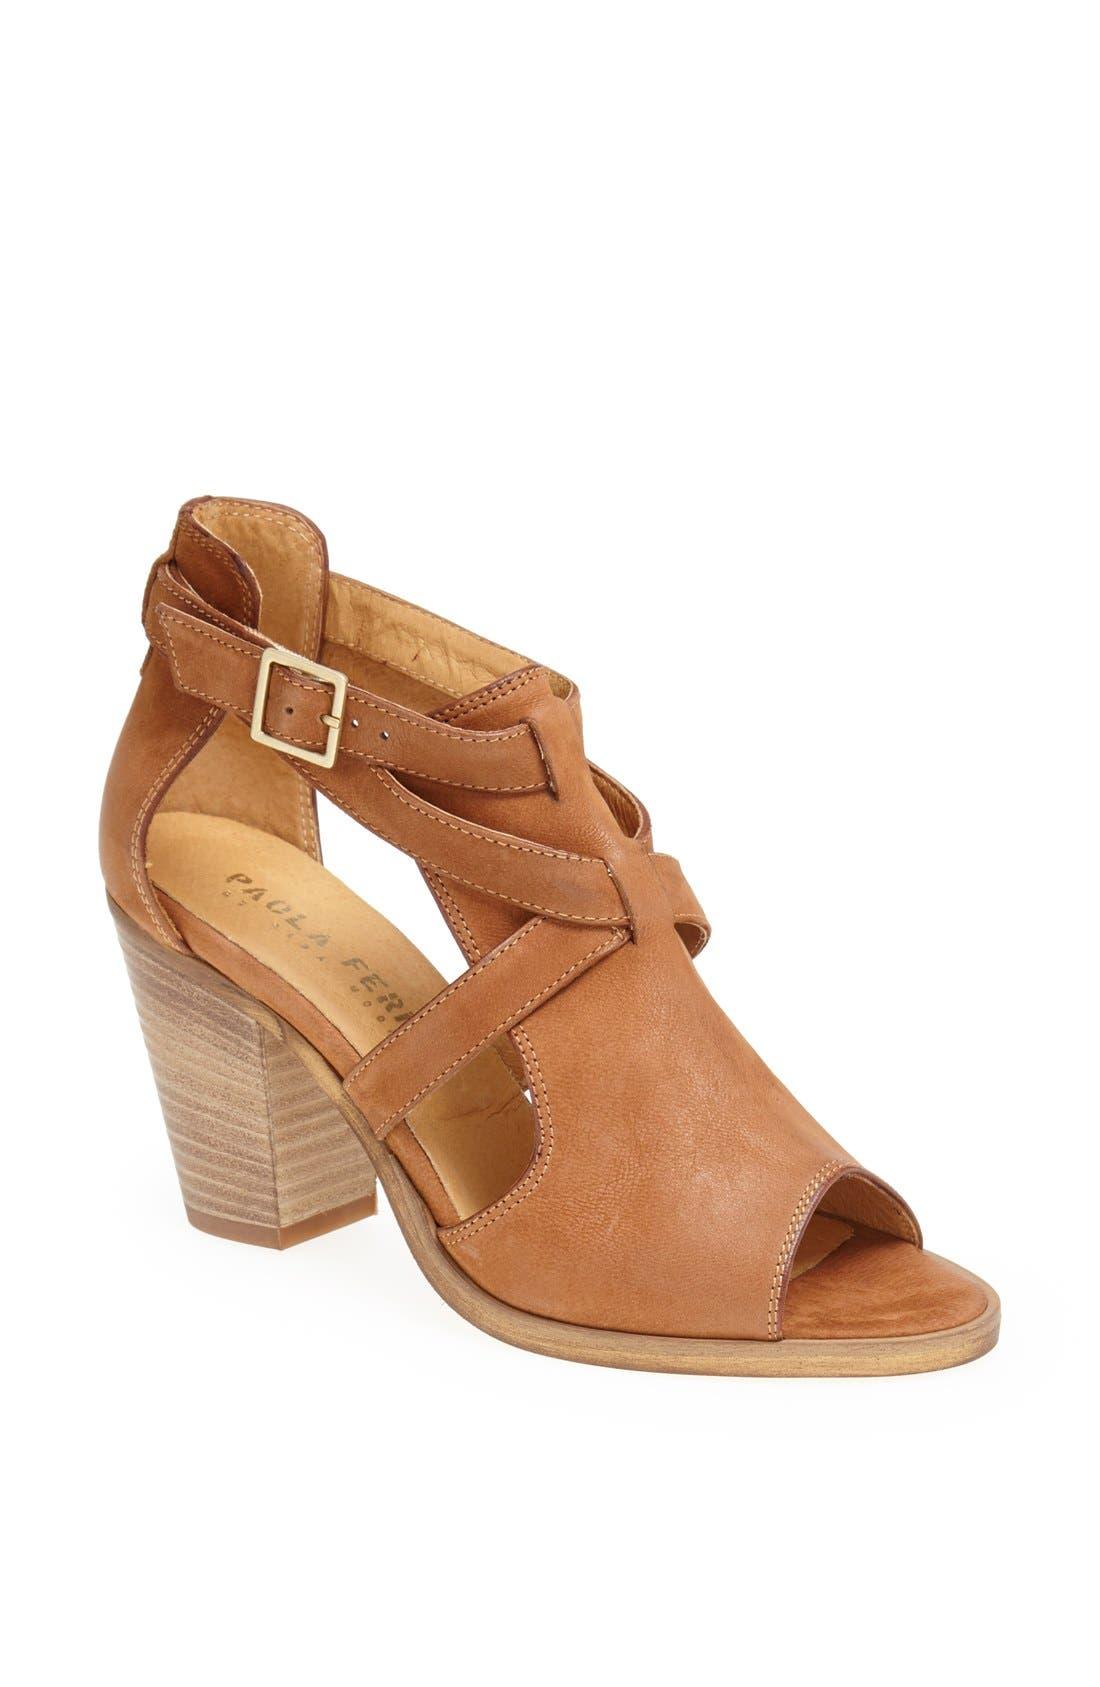 Main Image - Paola Ferri Leather Sandal